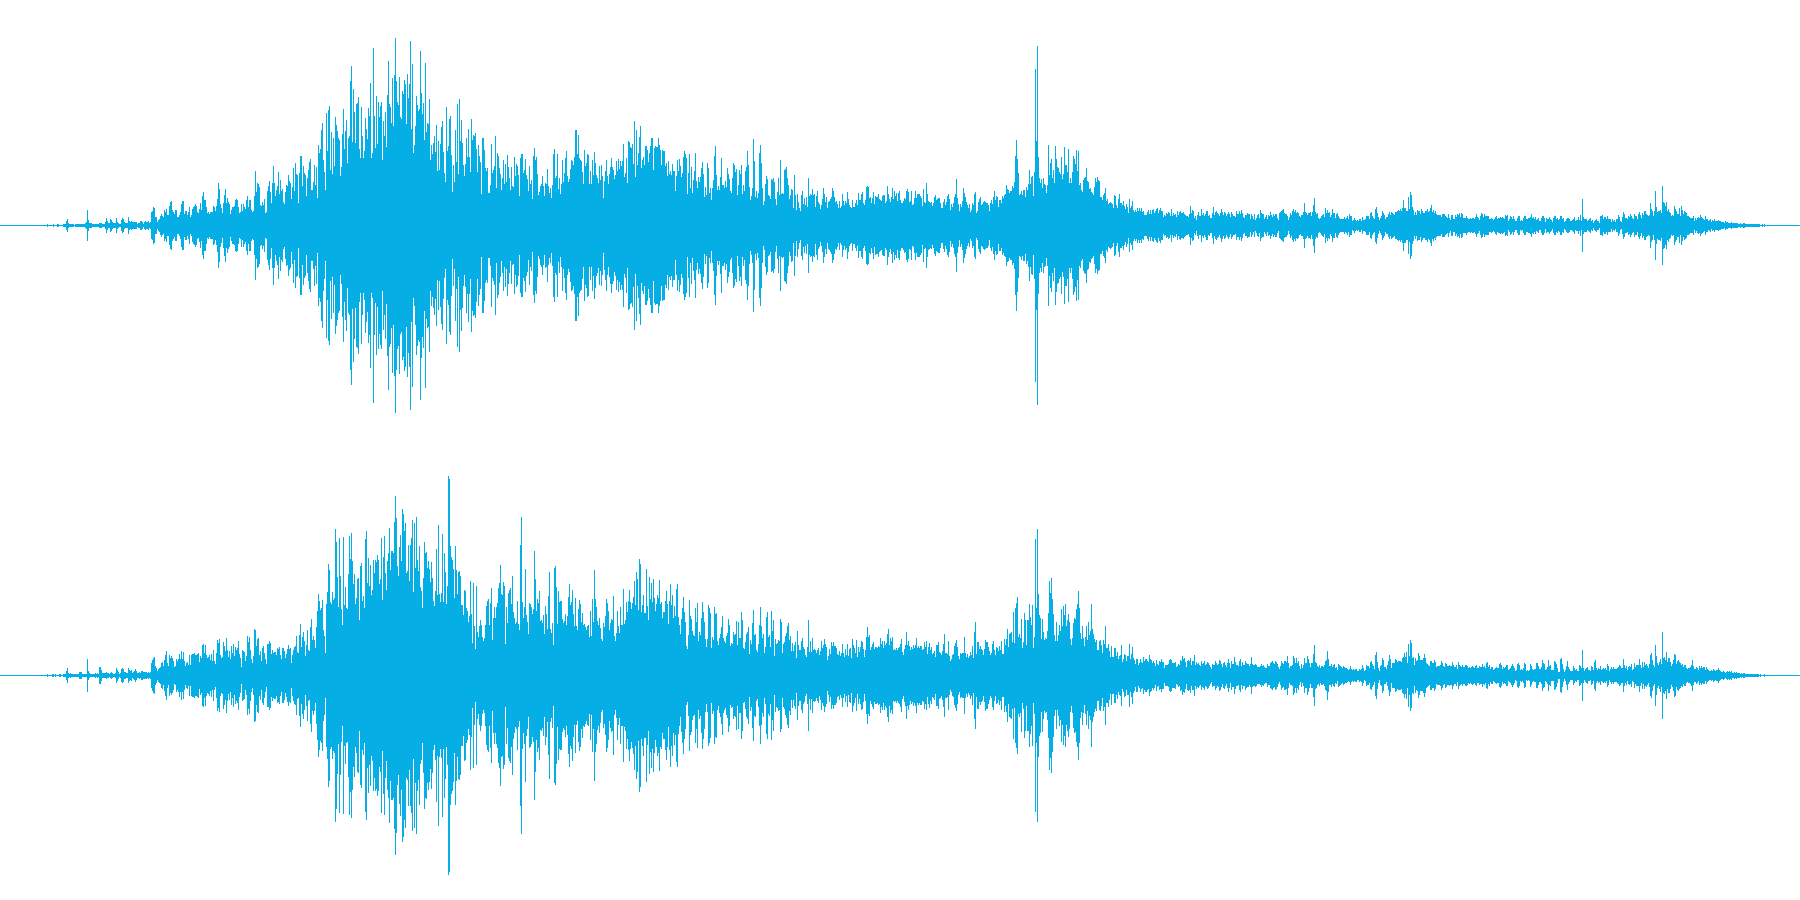 ゾンビやモンスターの叫び声/唸り声 24の再生済みの波形